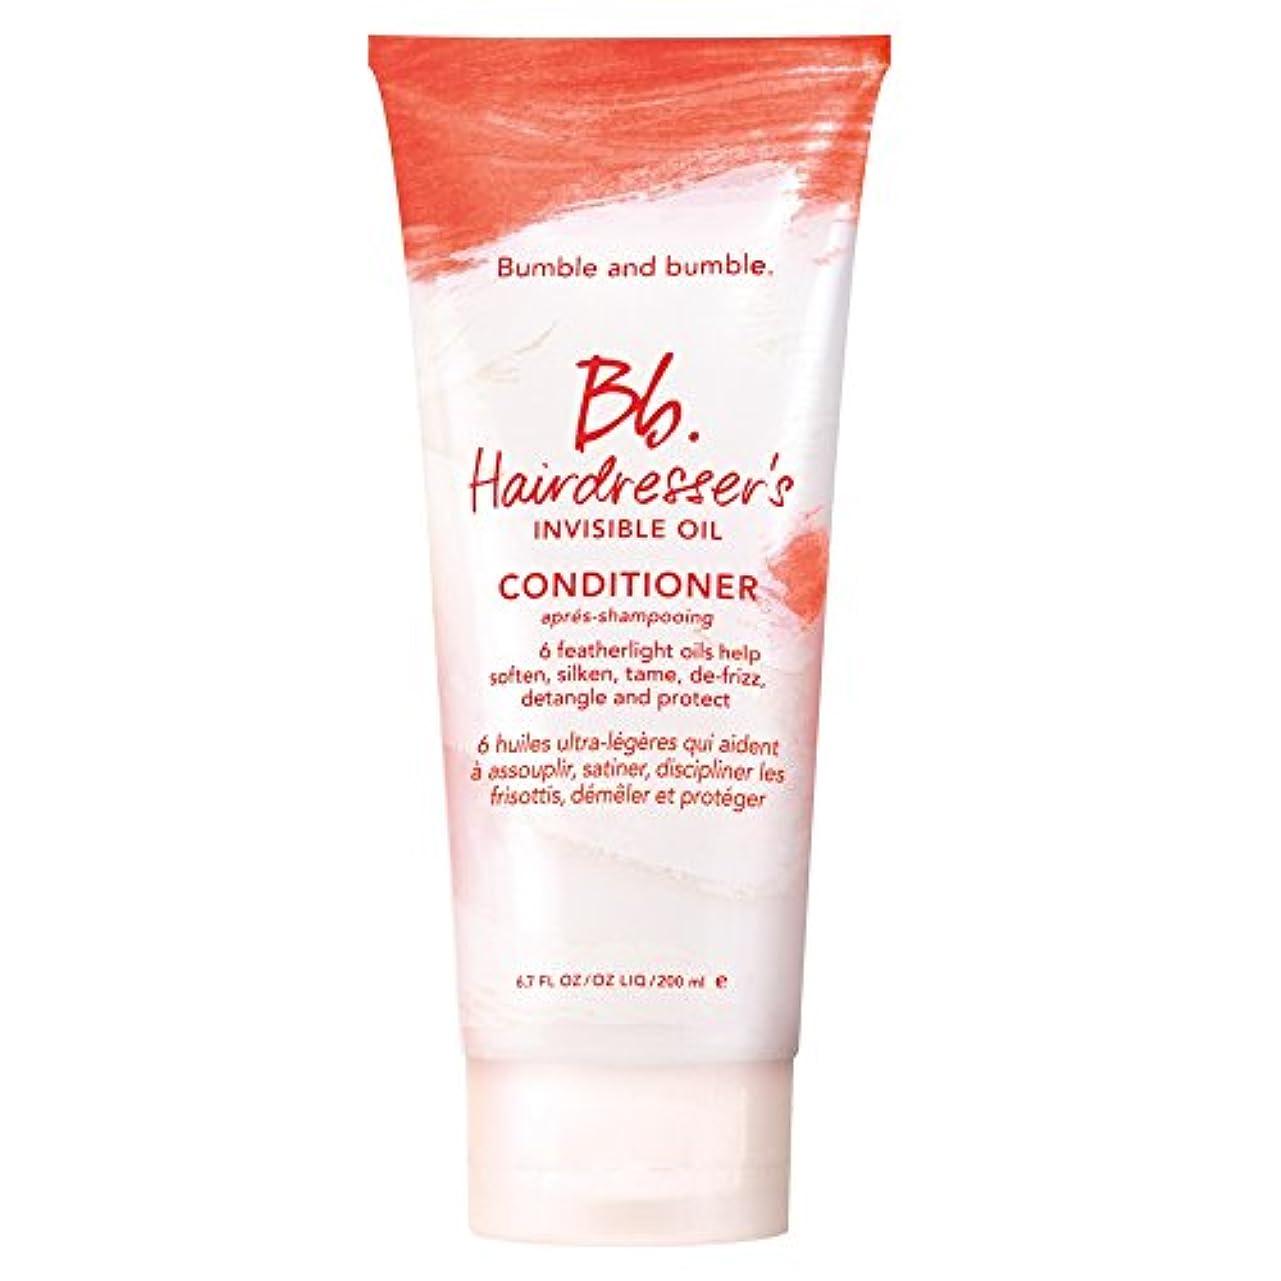 ファンシー休憩ウールバンブルアンドバンブル美容見えないオイルコンディショナー200ミリリットル (Bumble and bumble) (x2) - Bumble and bumble Hairdressers invisible oil...